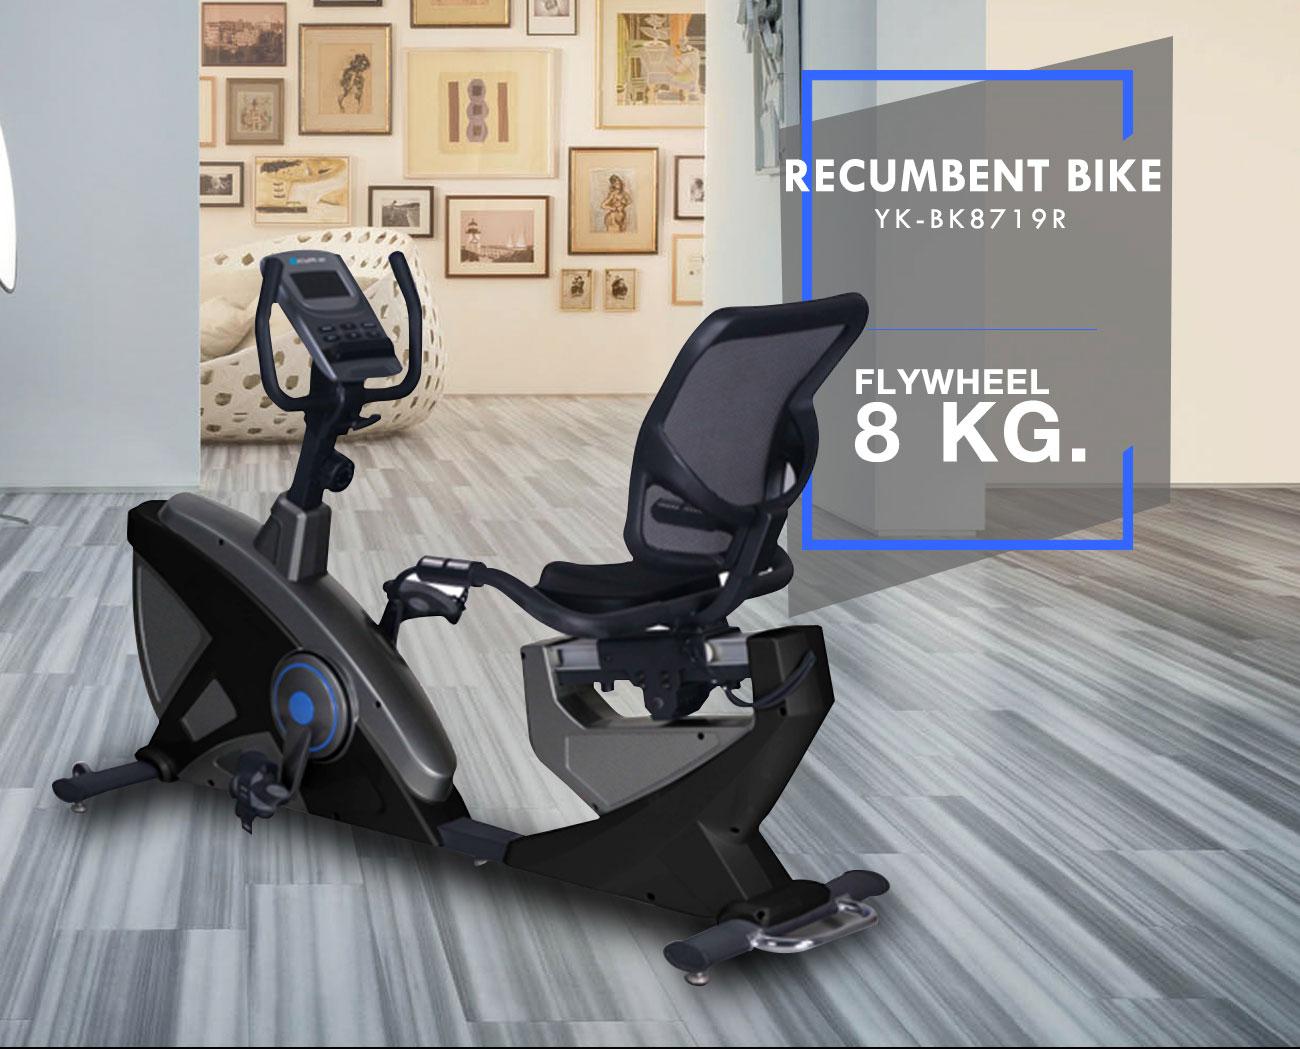 Magnetic Recumbent bike YK-BK8719R Flywheel 8KG.